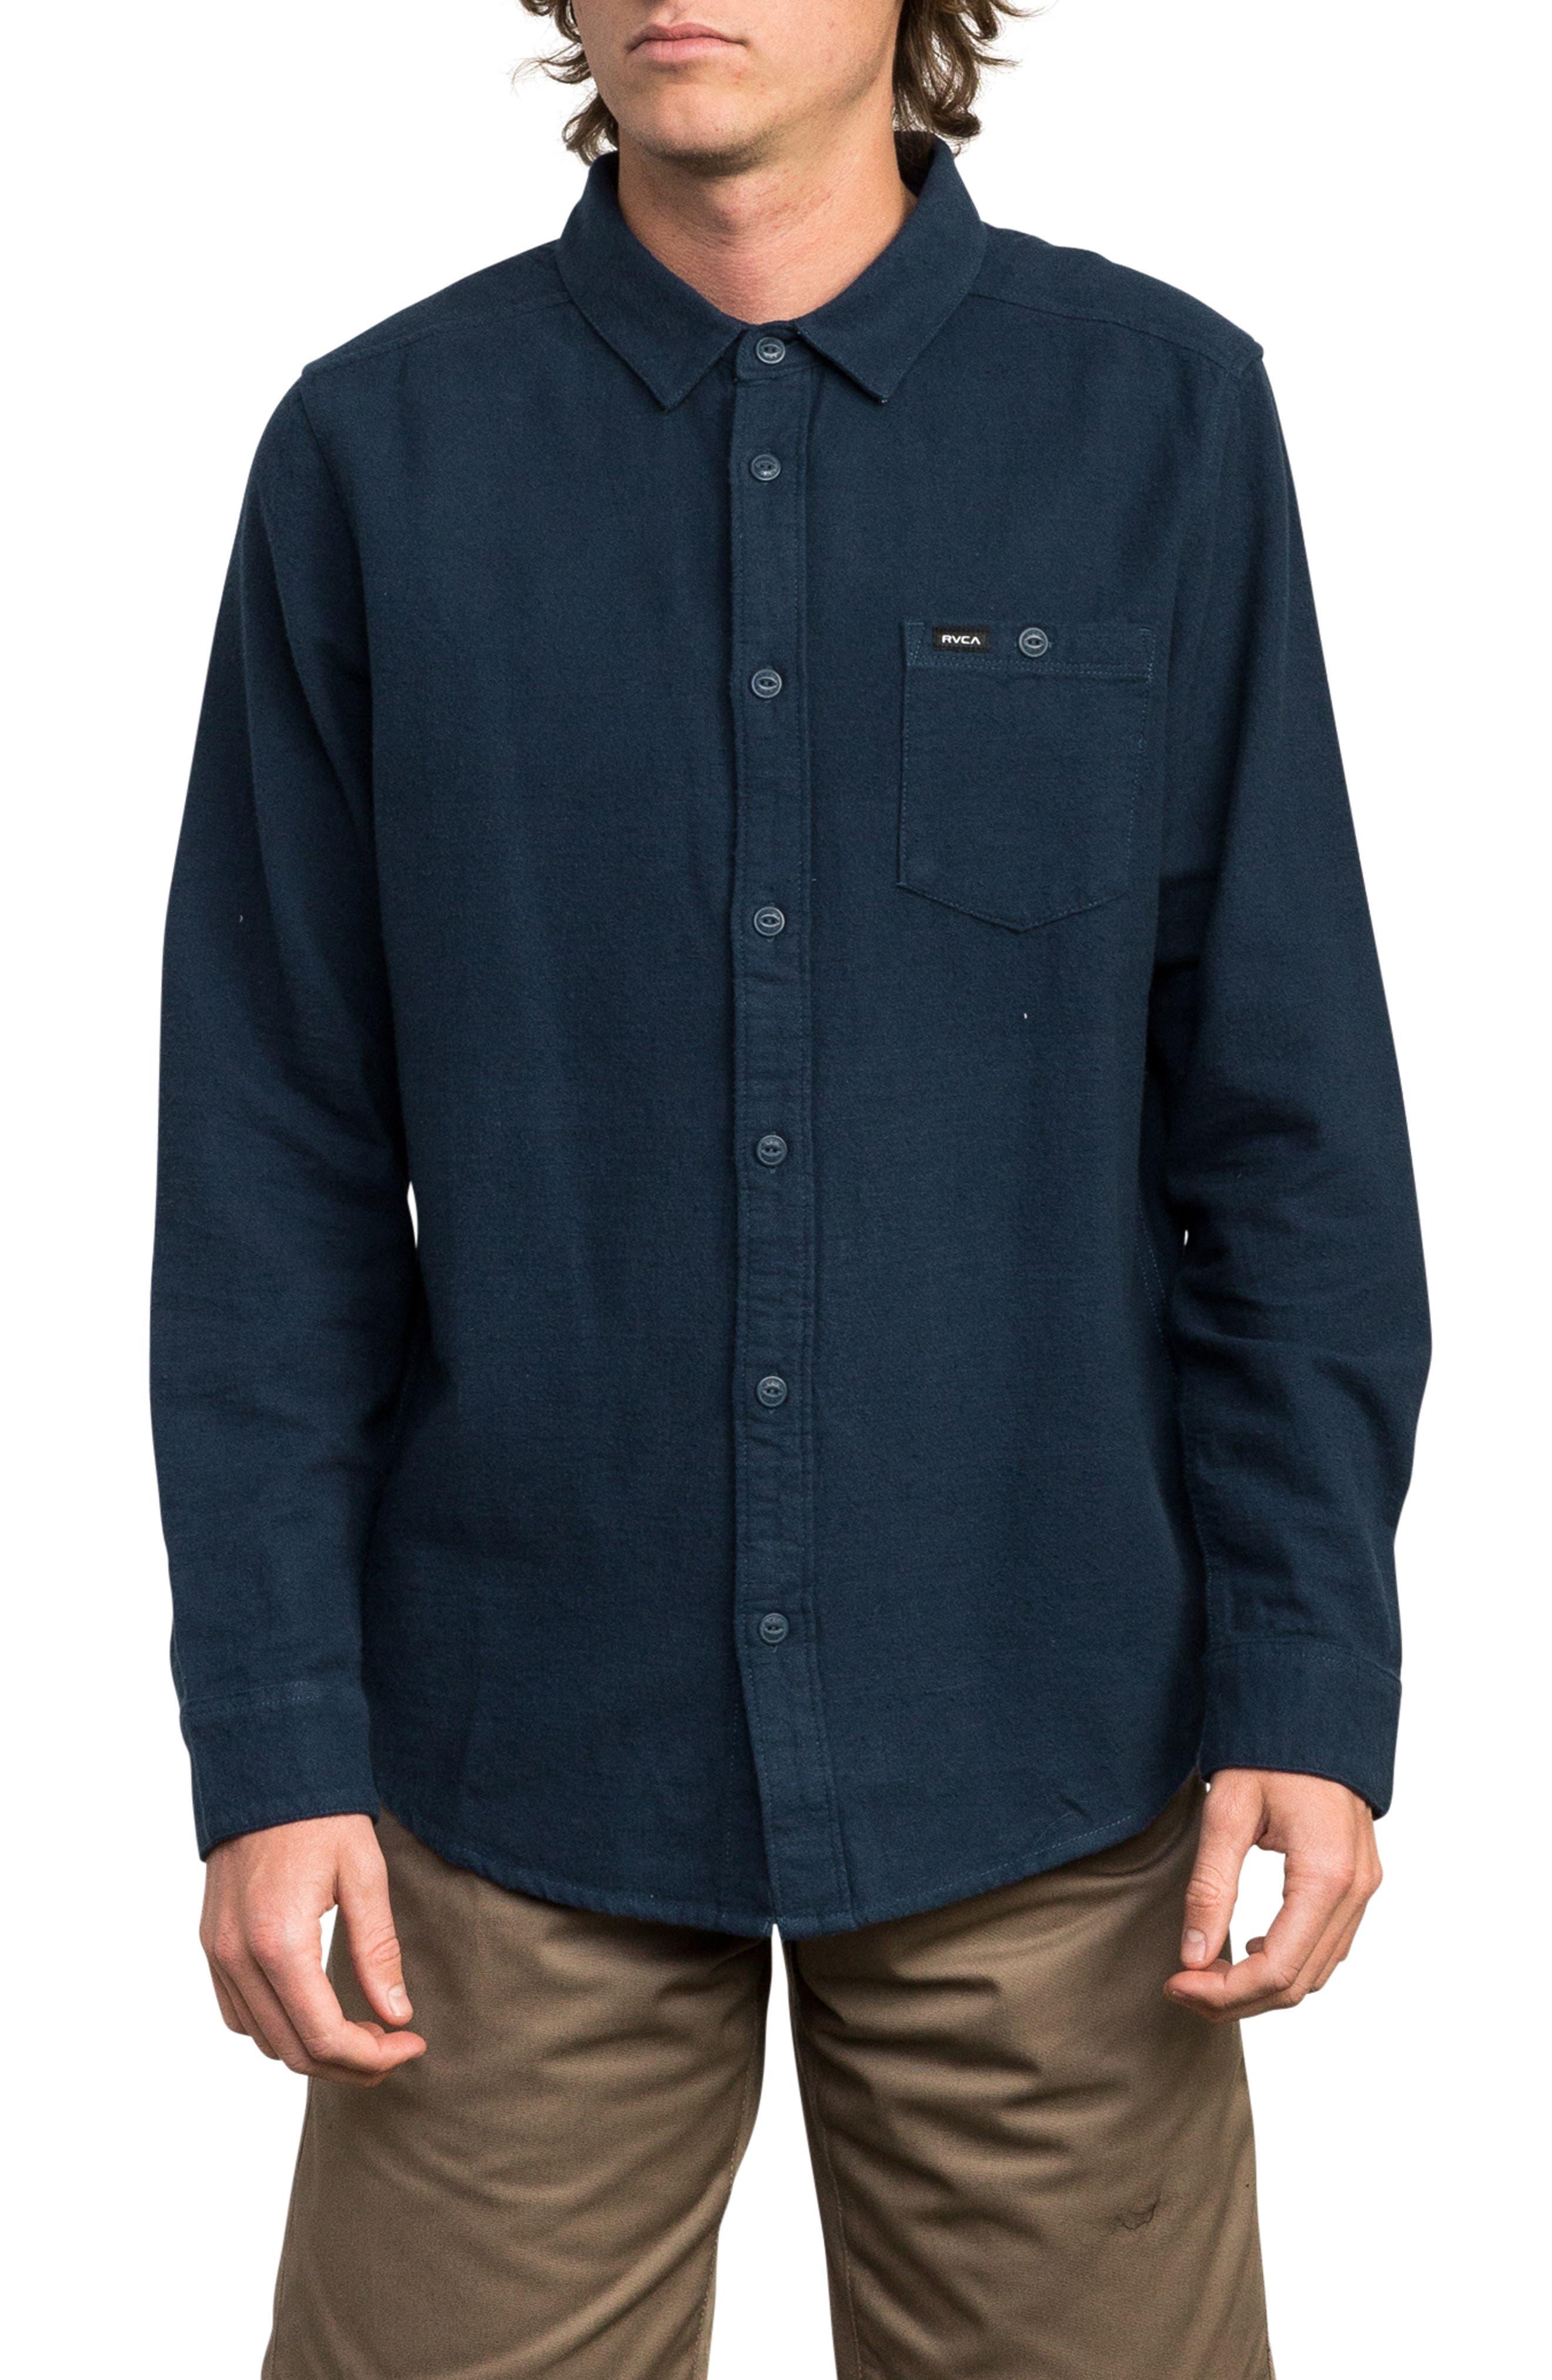 Public Works Flannel Shirt,                         Main,                         color, 487